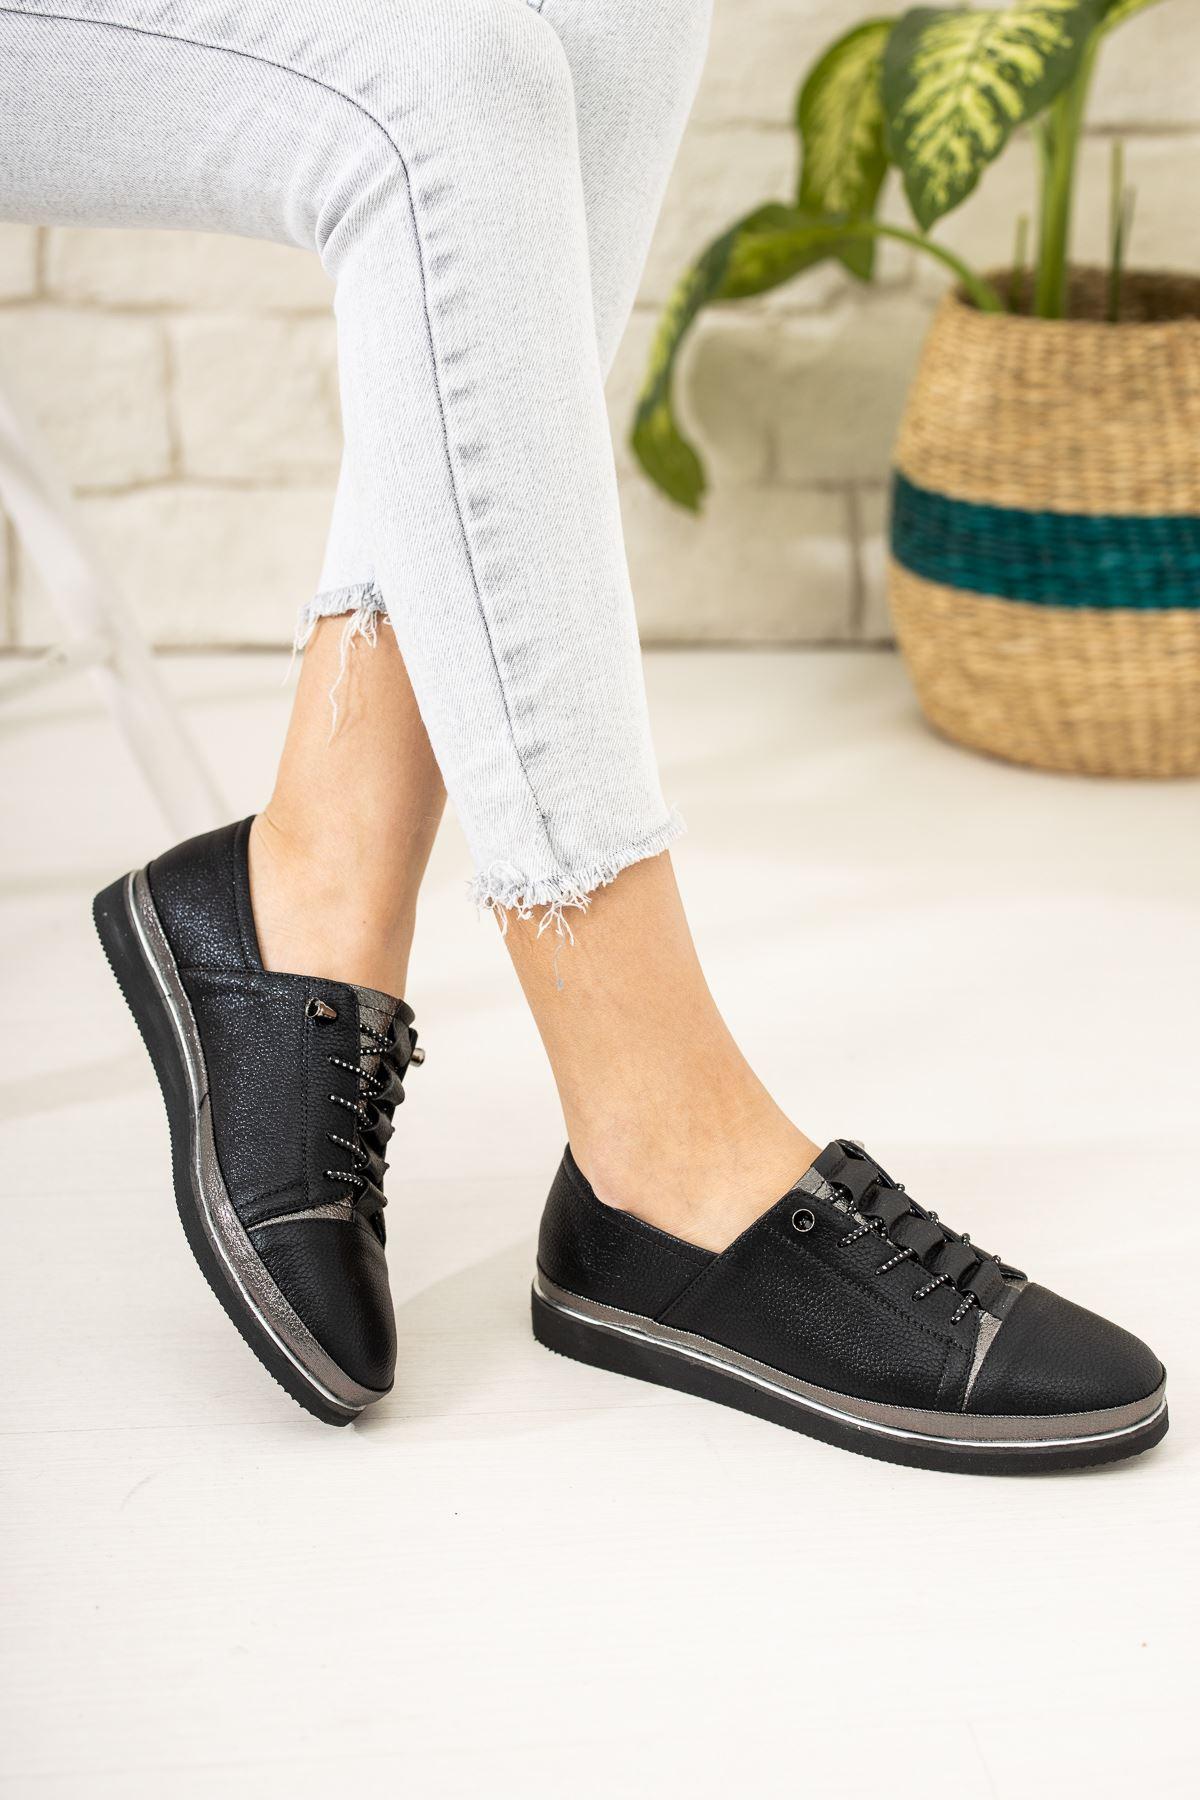 Ortapedik Pedli İçi Deri Siyah Ayakkabı